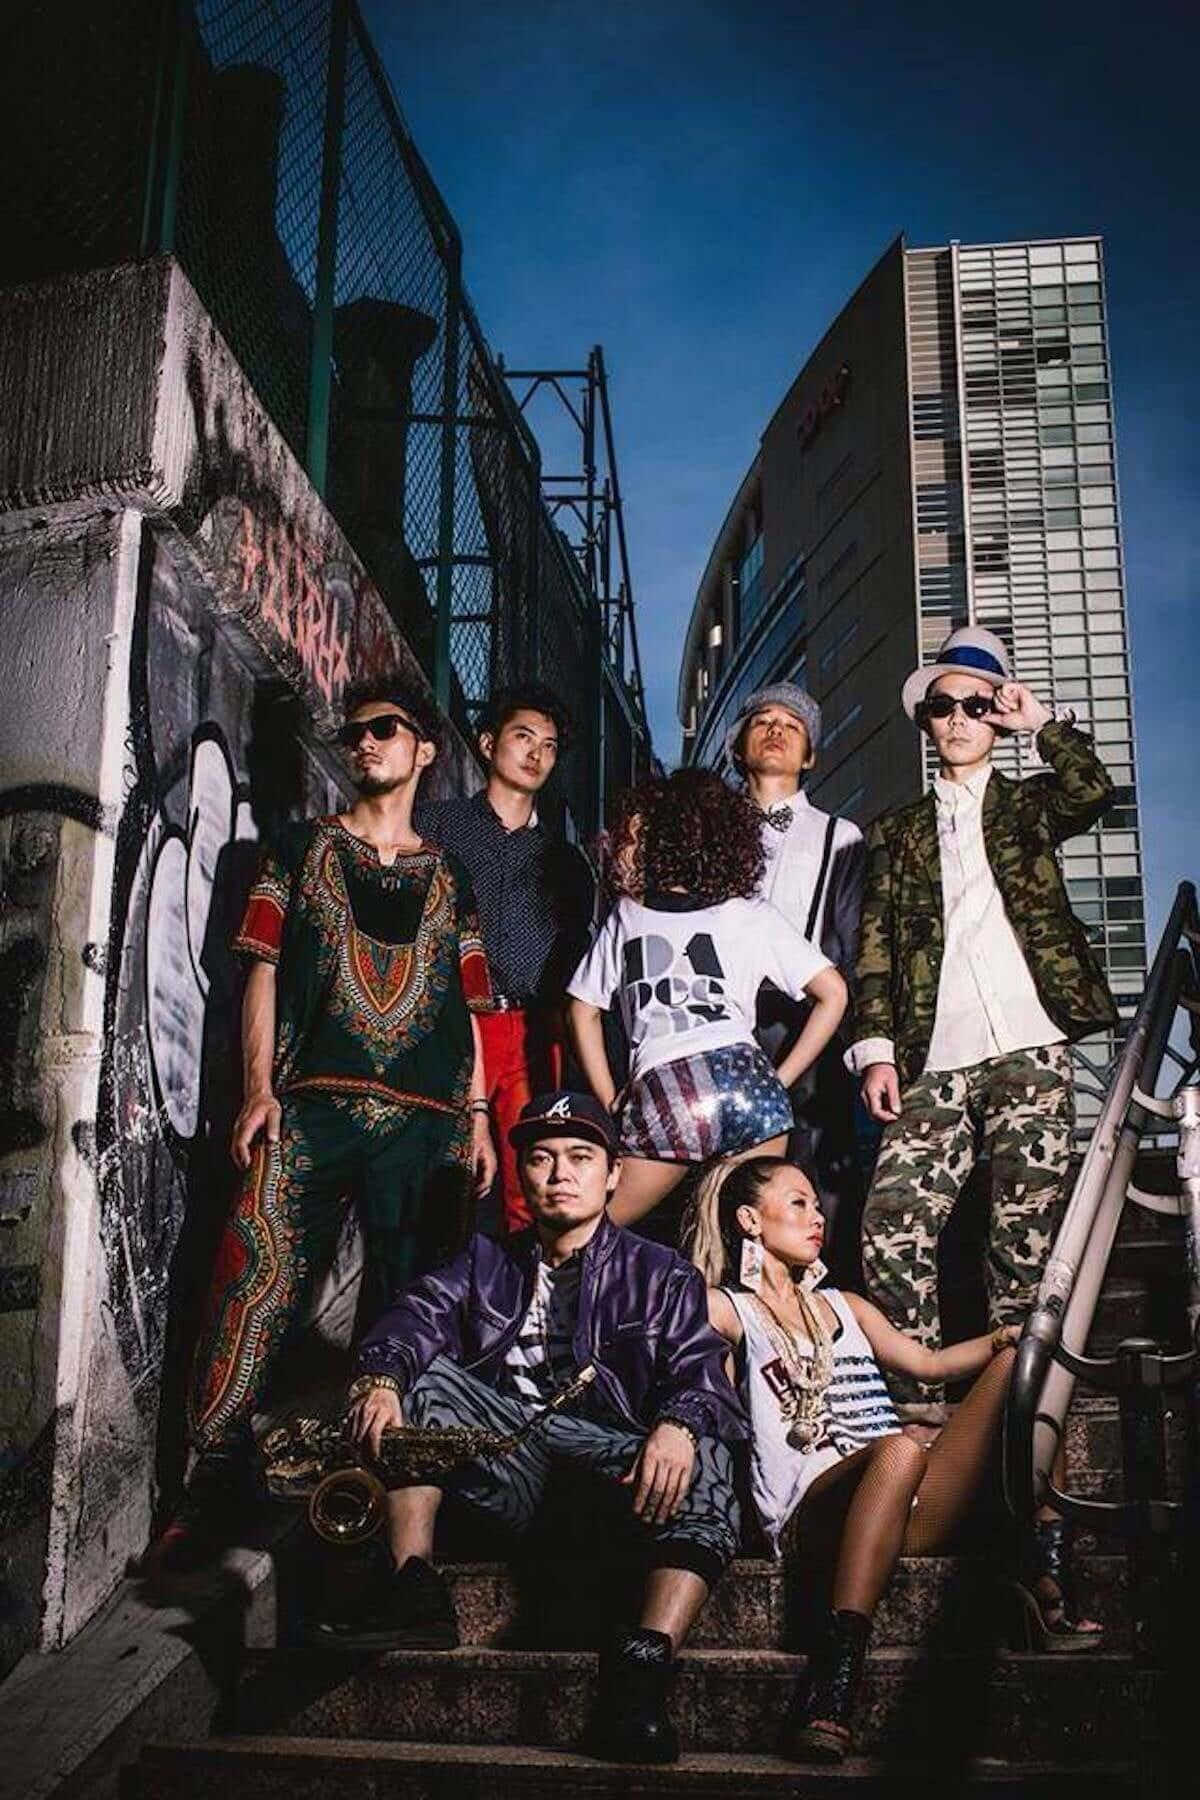 神南坂JOURNAL STANDARDにてDA-DEE MiXの7inchリリースパーティが開催|BUDDHA BRANDやVIKN、ZEN-LA-ROCKが登場 music181205-da-dee-mix-journal-standard-2-1200x1800